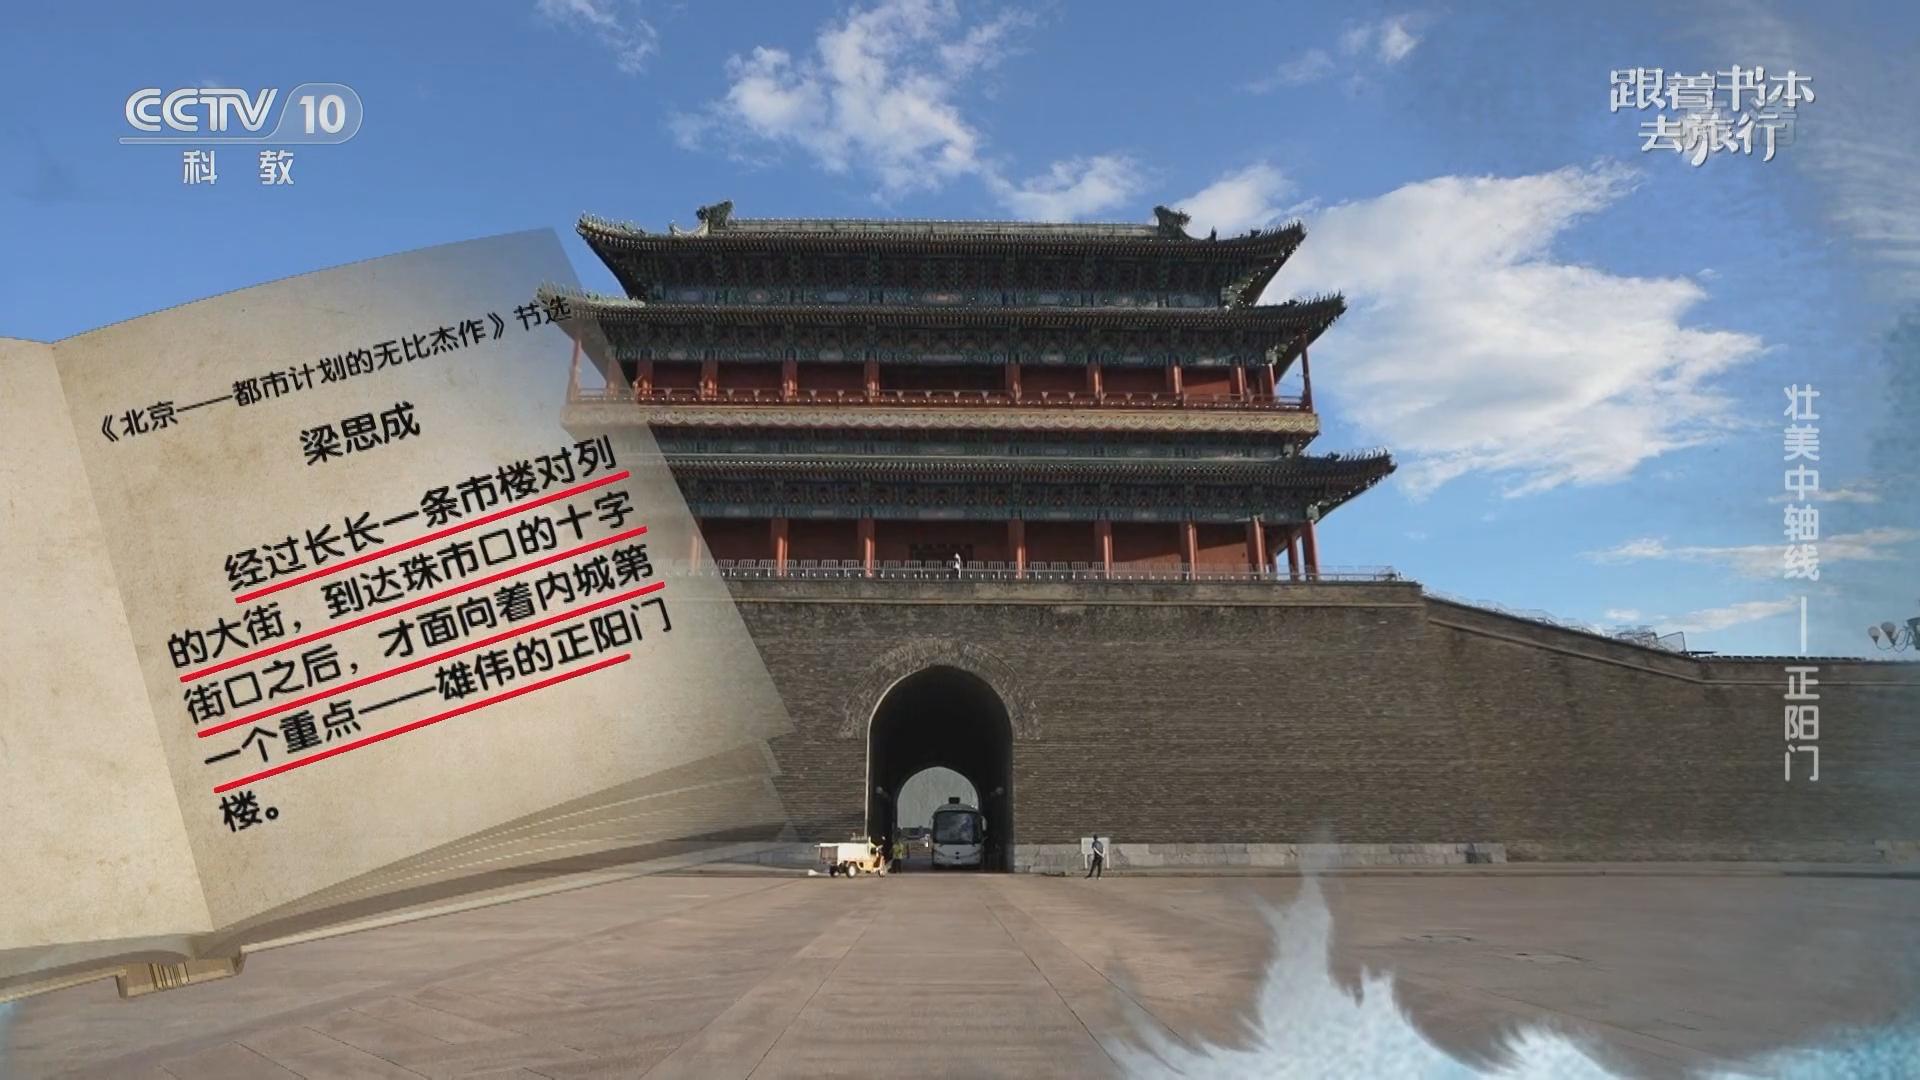 《跟着书本去旅行》 20211013 壮美中轴线——正阳门